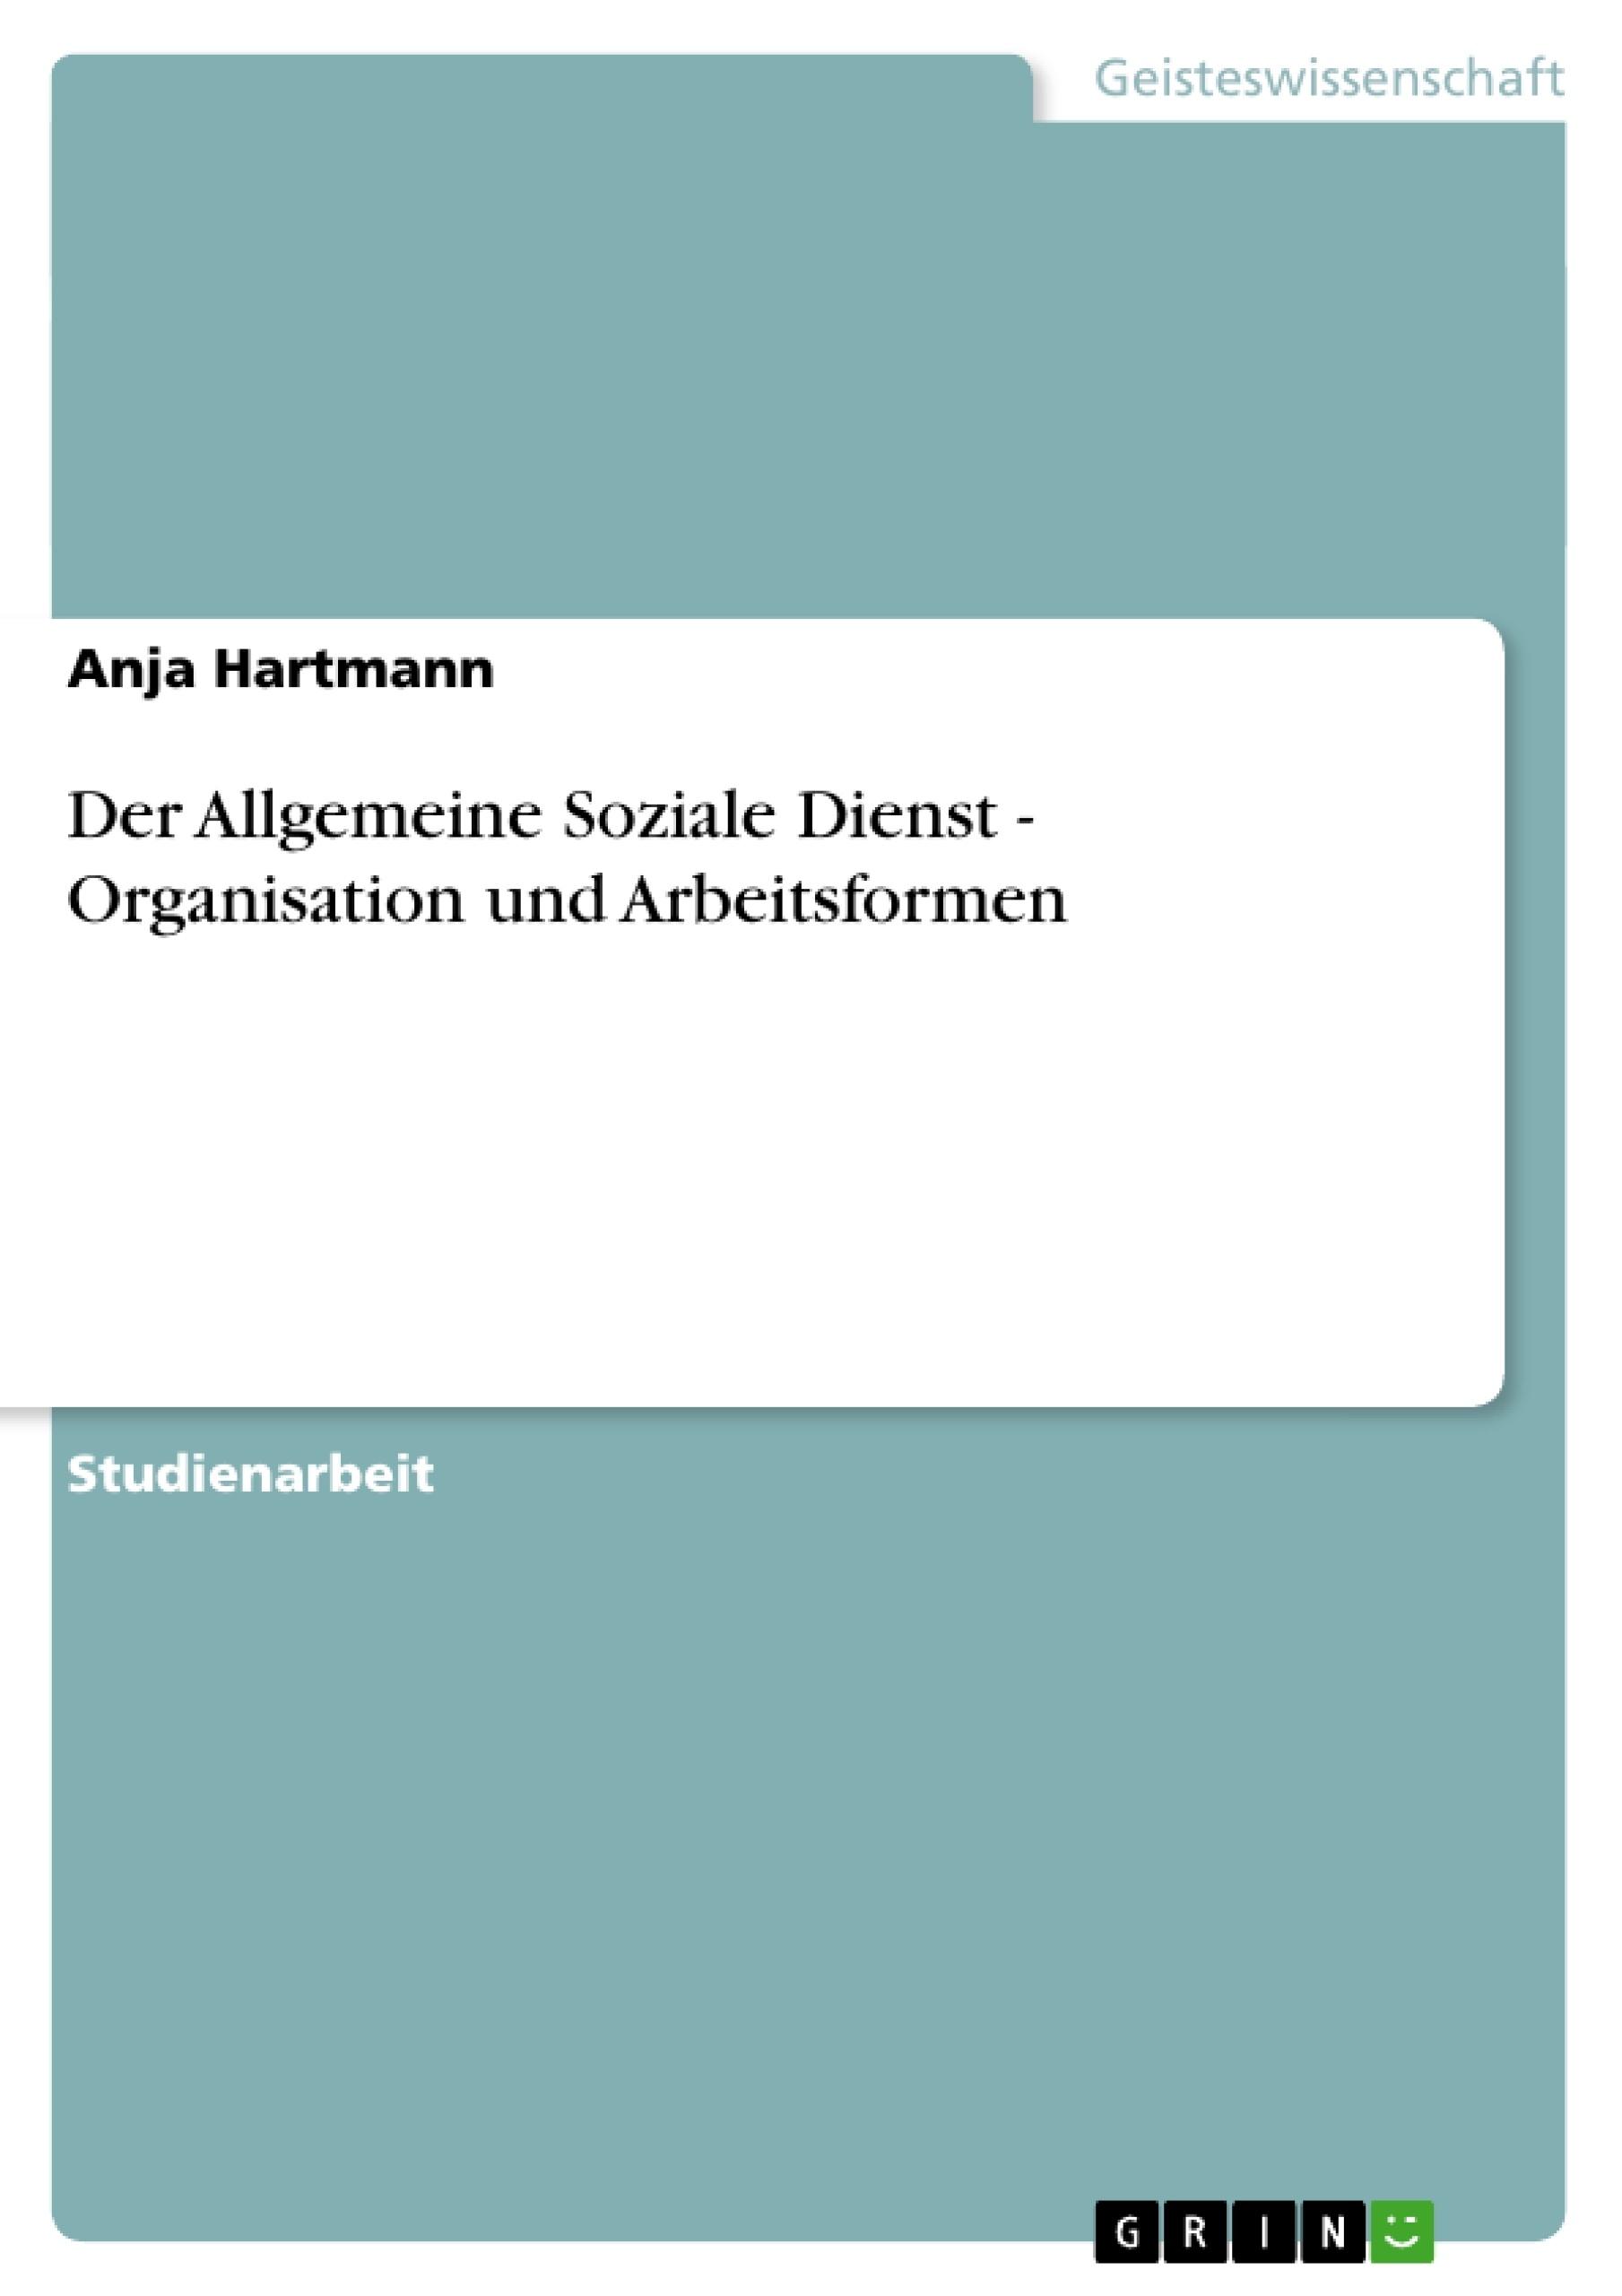 Titel: Der Allgemeine Soziale Dienst - Organisation und Arbeitsformen